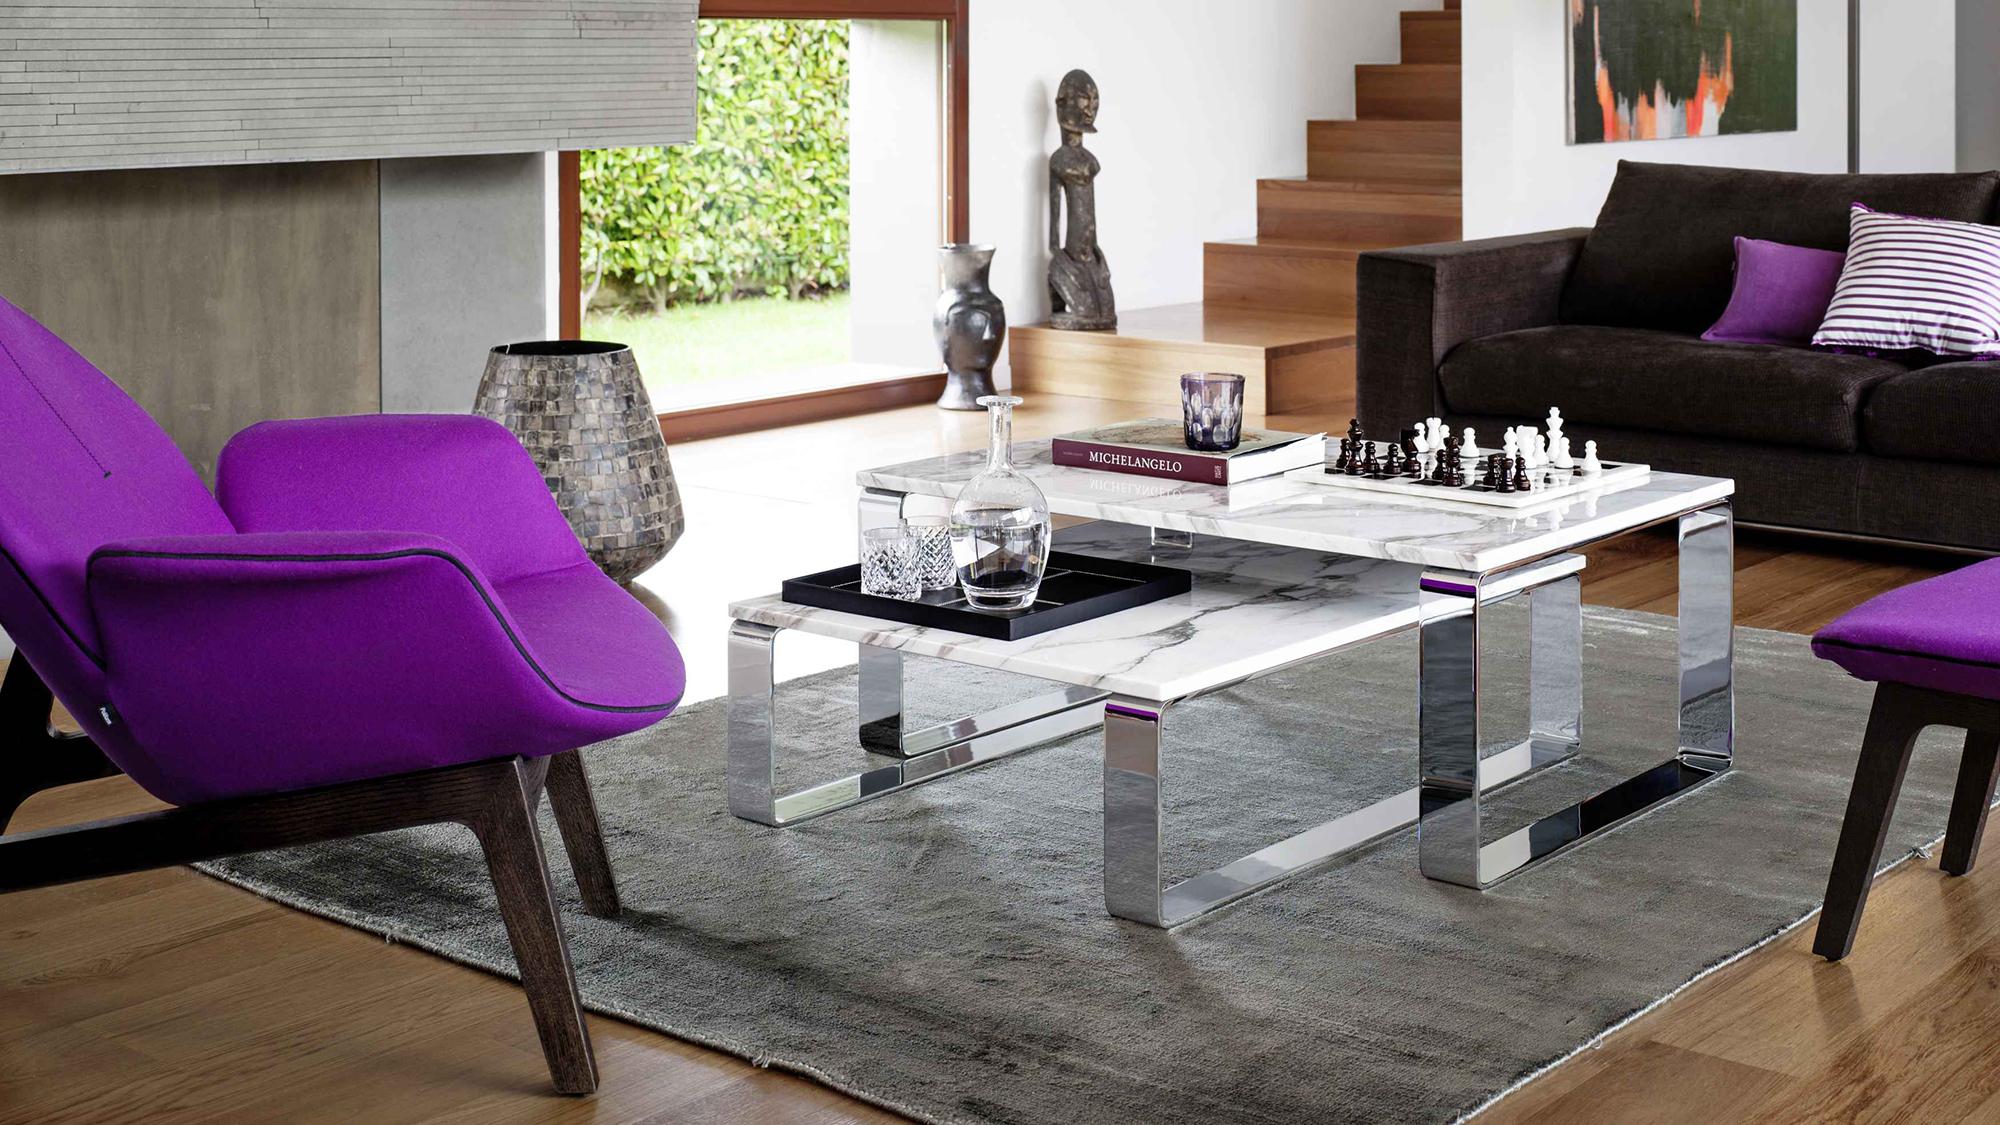 Журнальный столик в интерьере (45 фото): красивые дизайны и варианты расположения